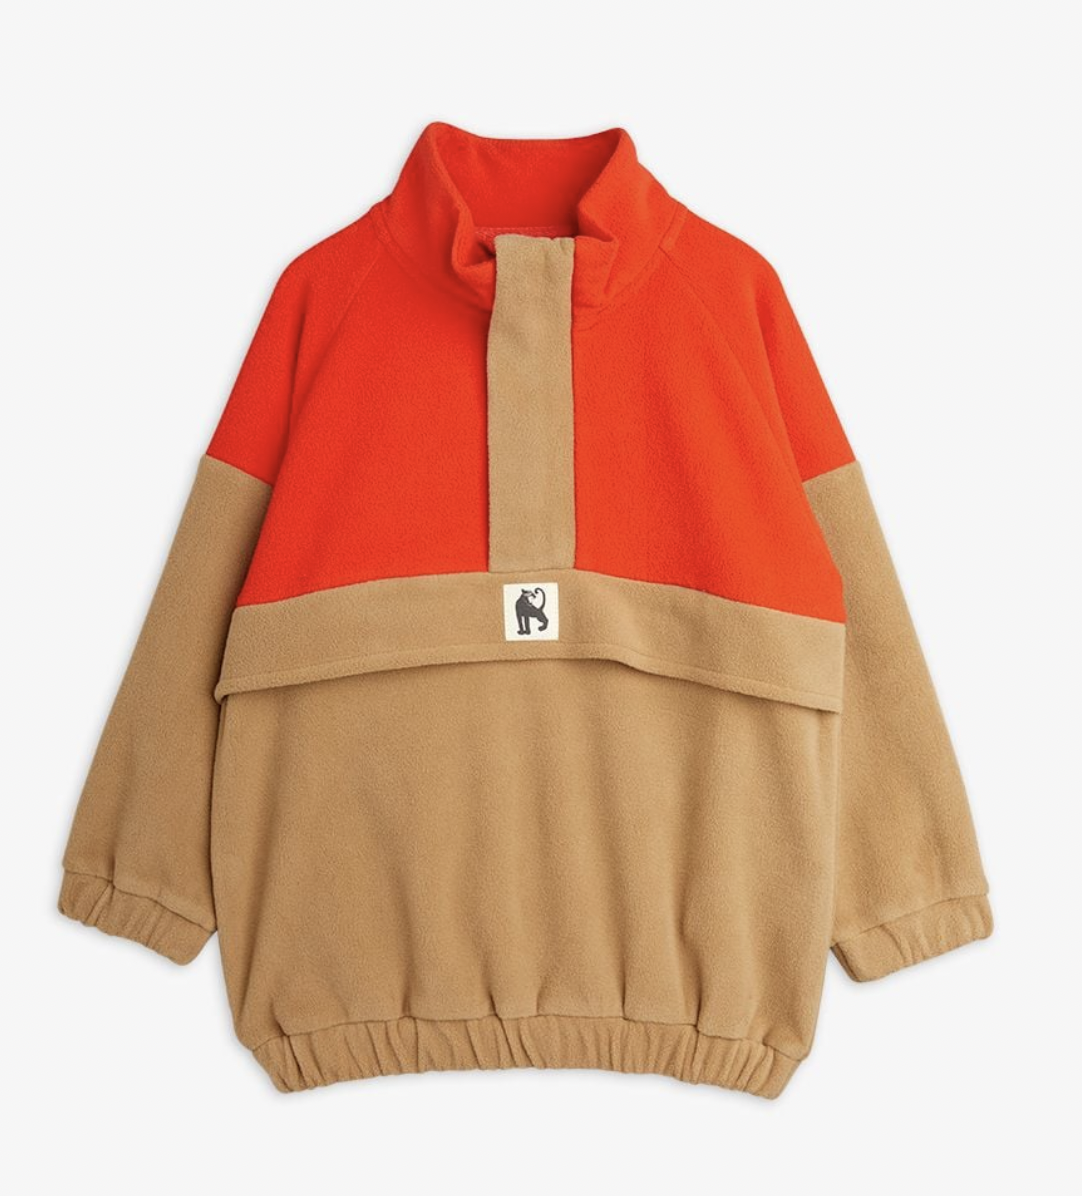 MINI RODINI Fleece Zip Pullover